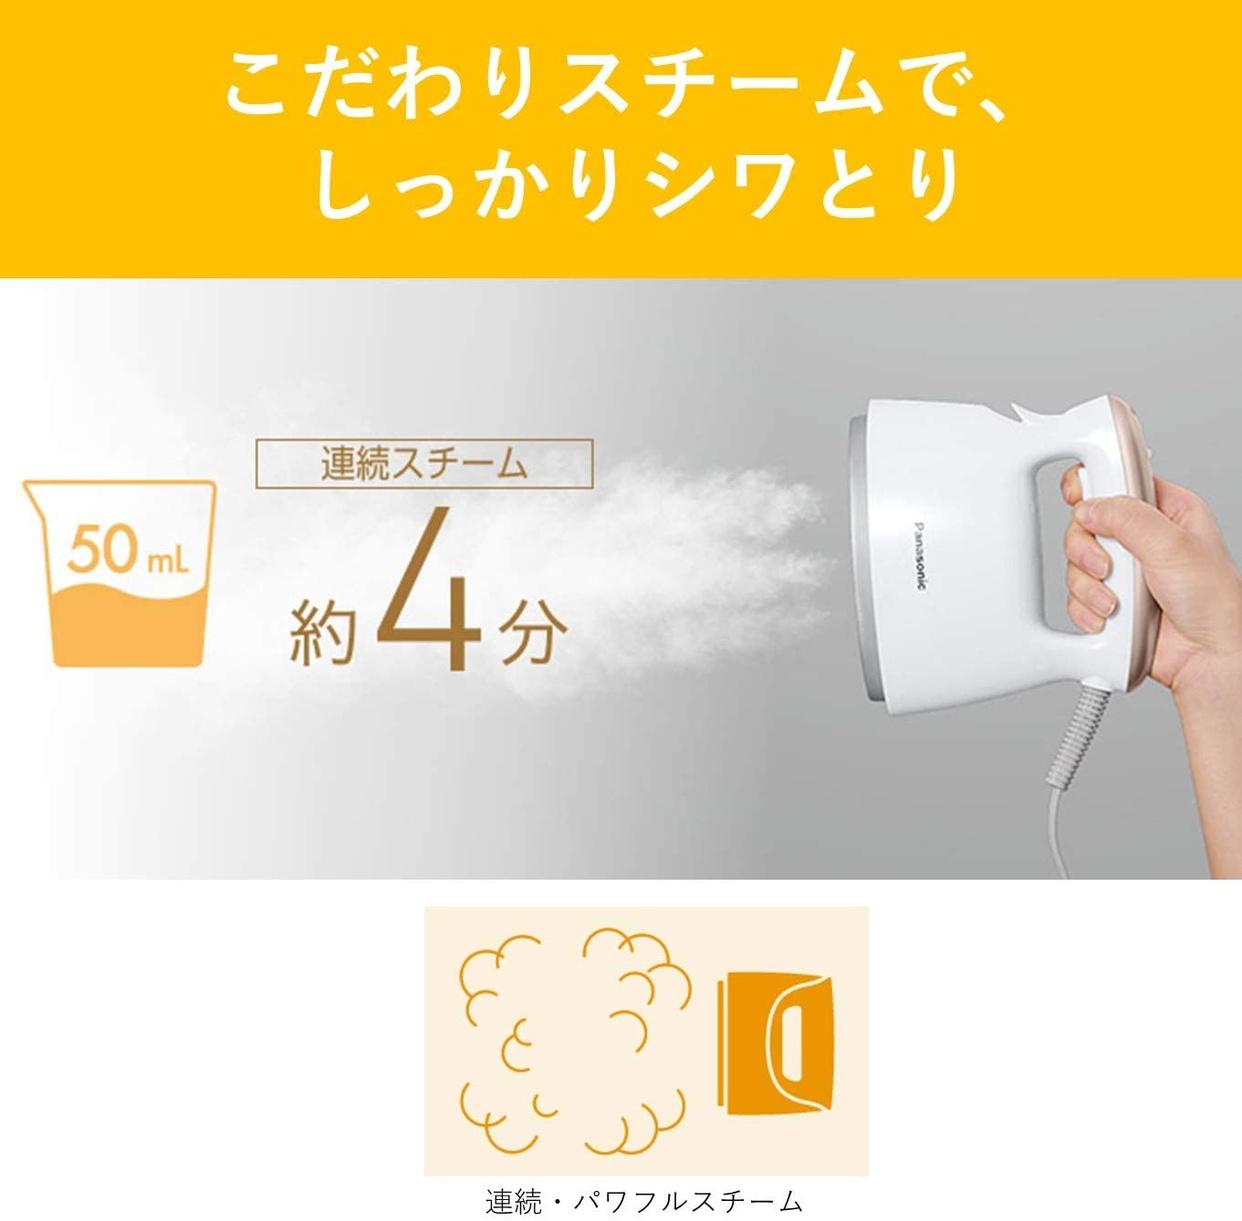 Panasonic(パナソニック) 衣類スチーマー NI-FS410の商品画像4